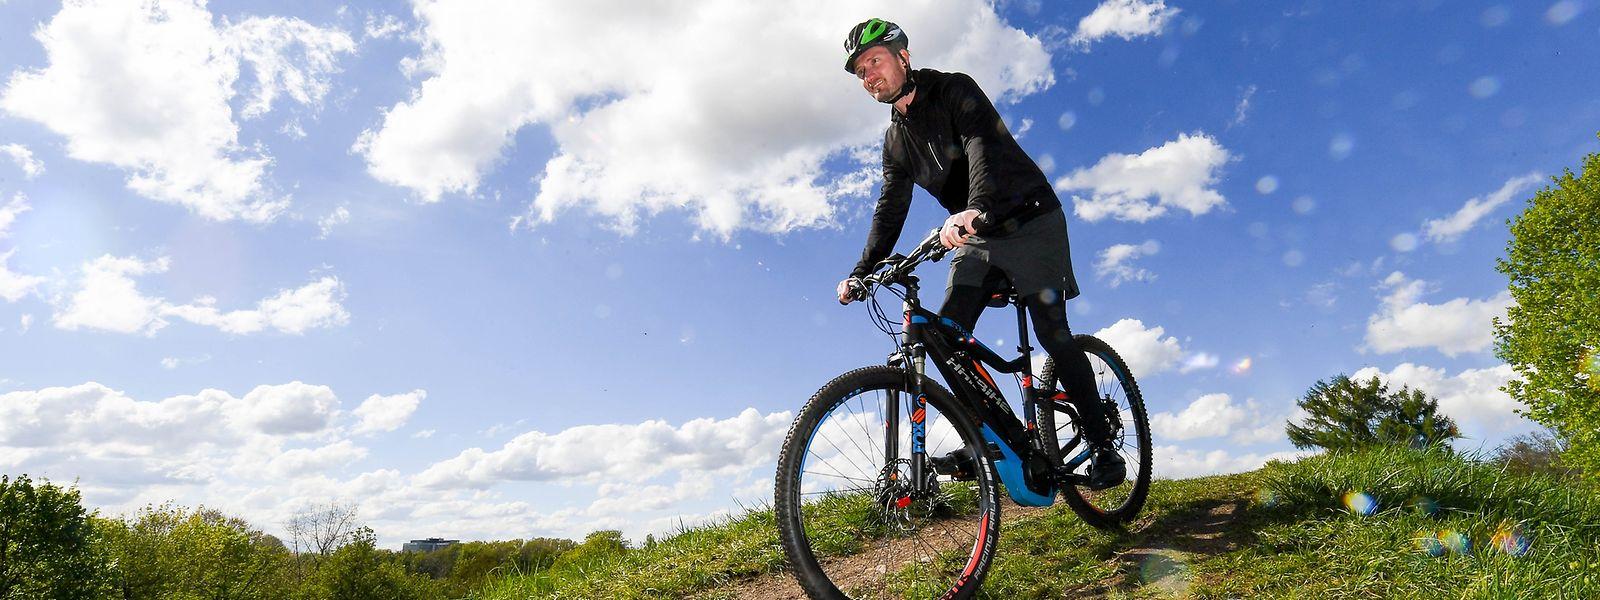 E-Bikes gibt es heute fast bei allen Fahrradgattungen. So können sich auch Mountainbiker elektrisch unterstützen lassen.